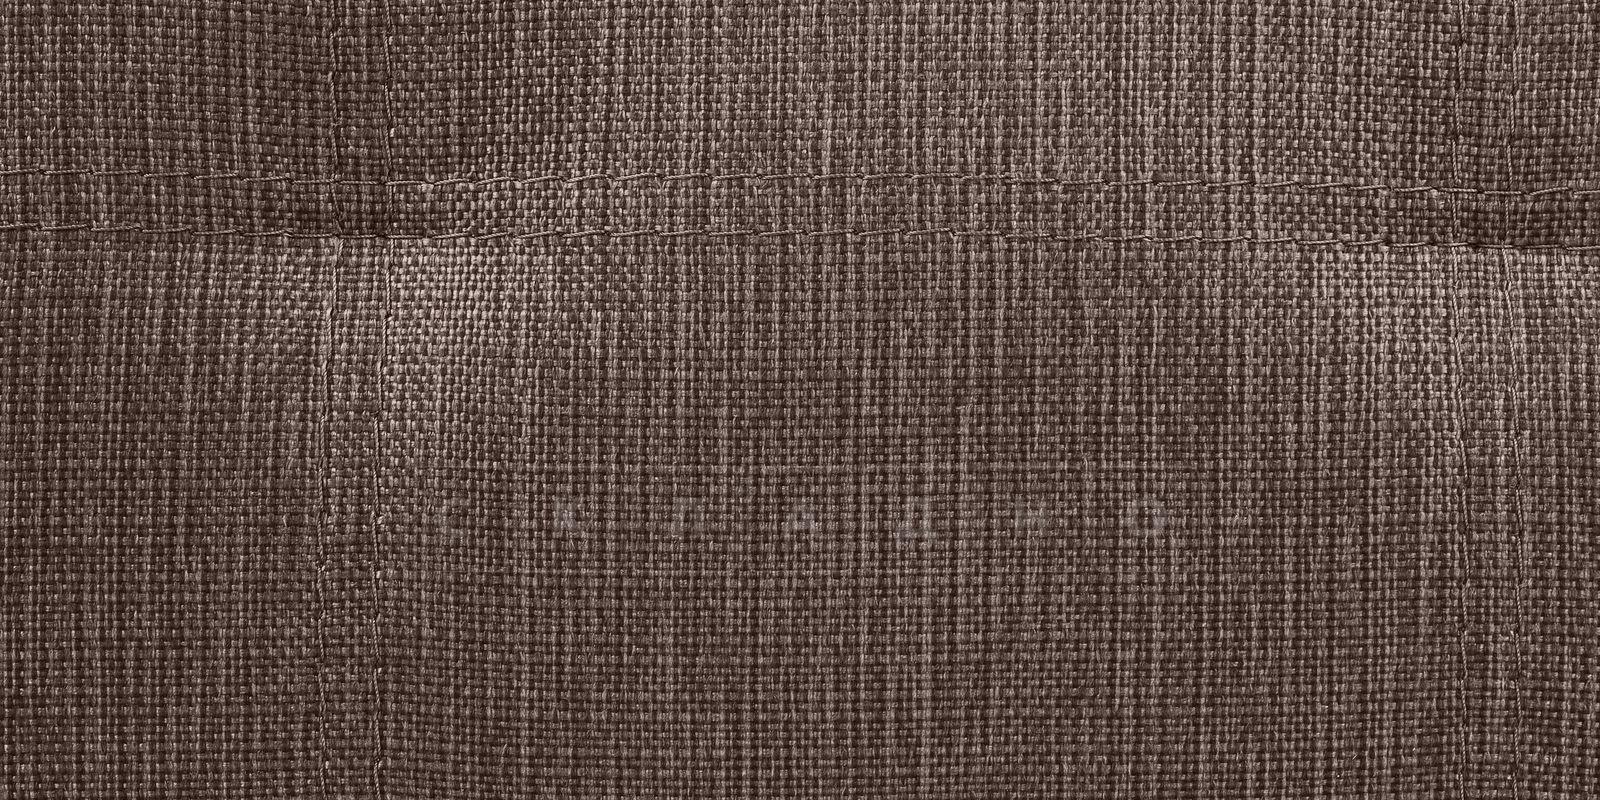 Угловой диван Атланта рогожка коричневого цвета фото 9 | интернет-магазин Складно